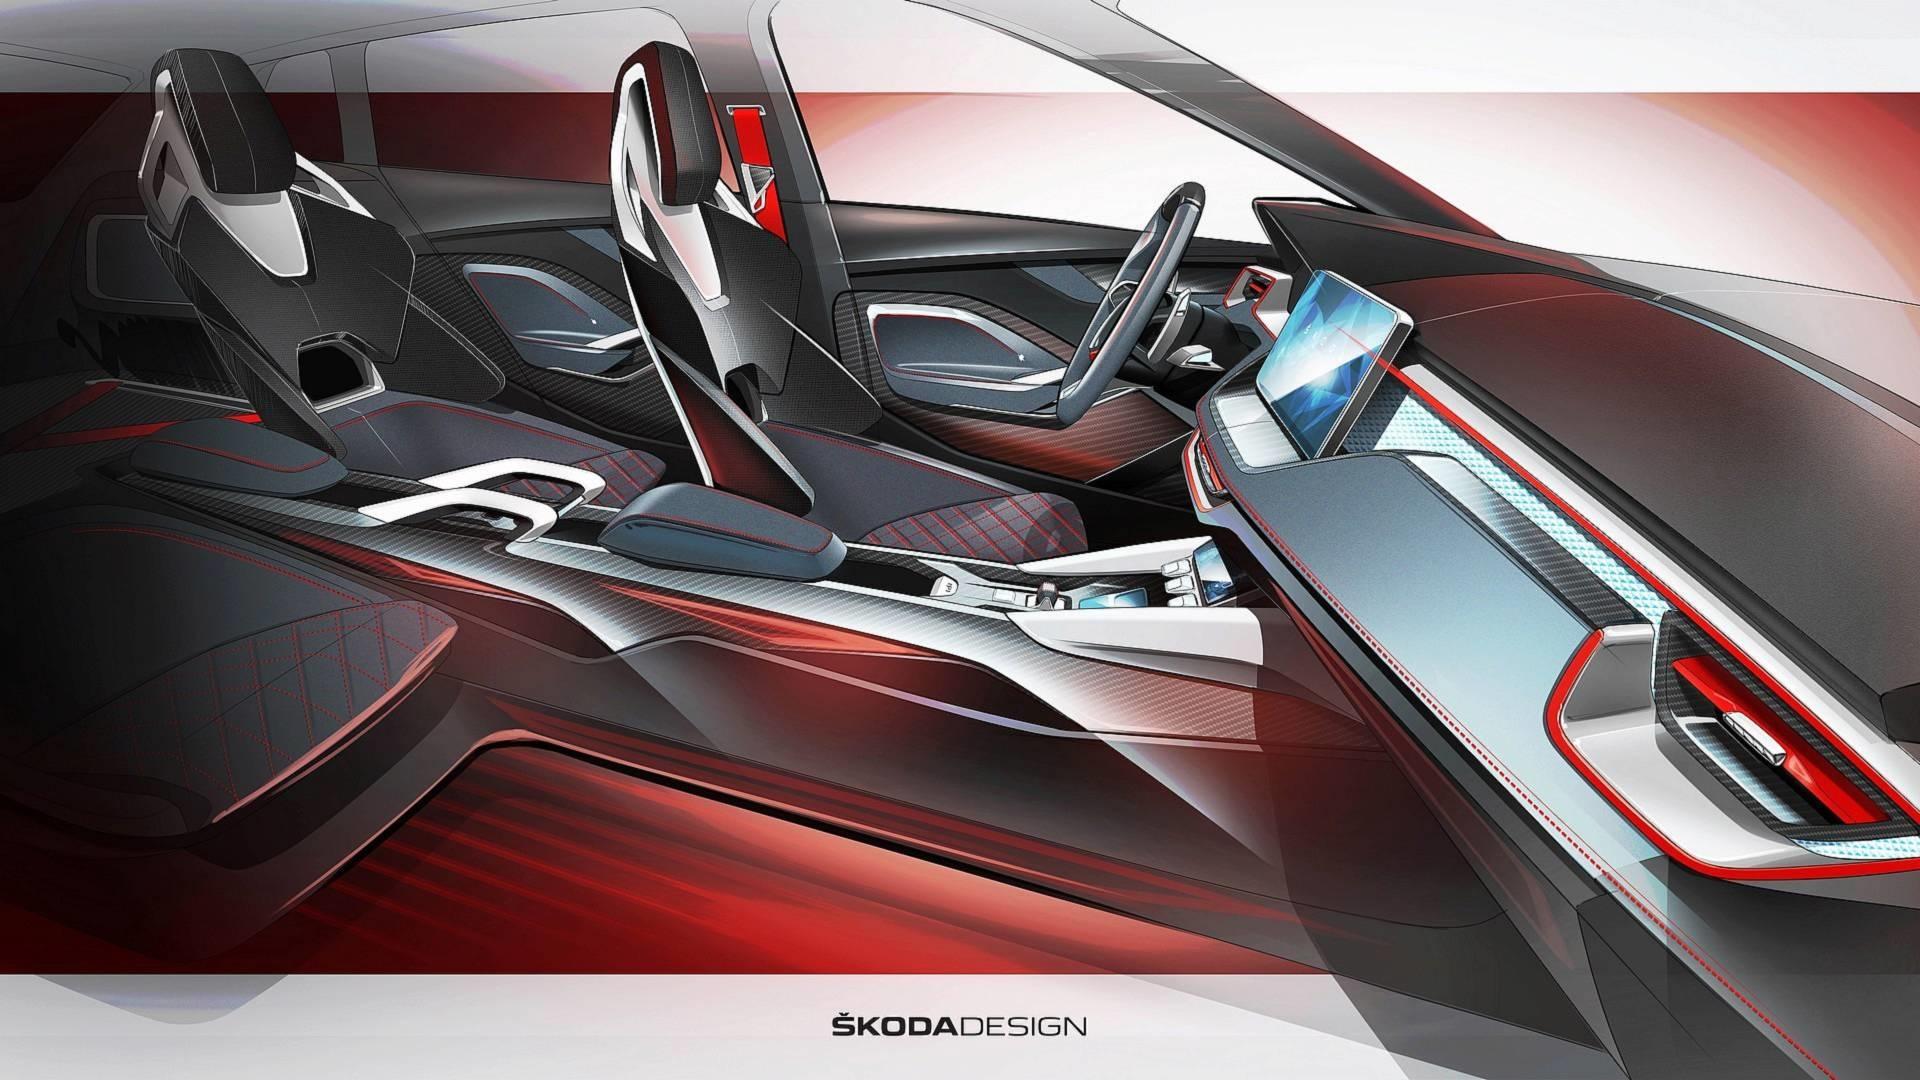 斯柯达VISION RS设计图公布 配备悬浮大屏